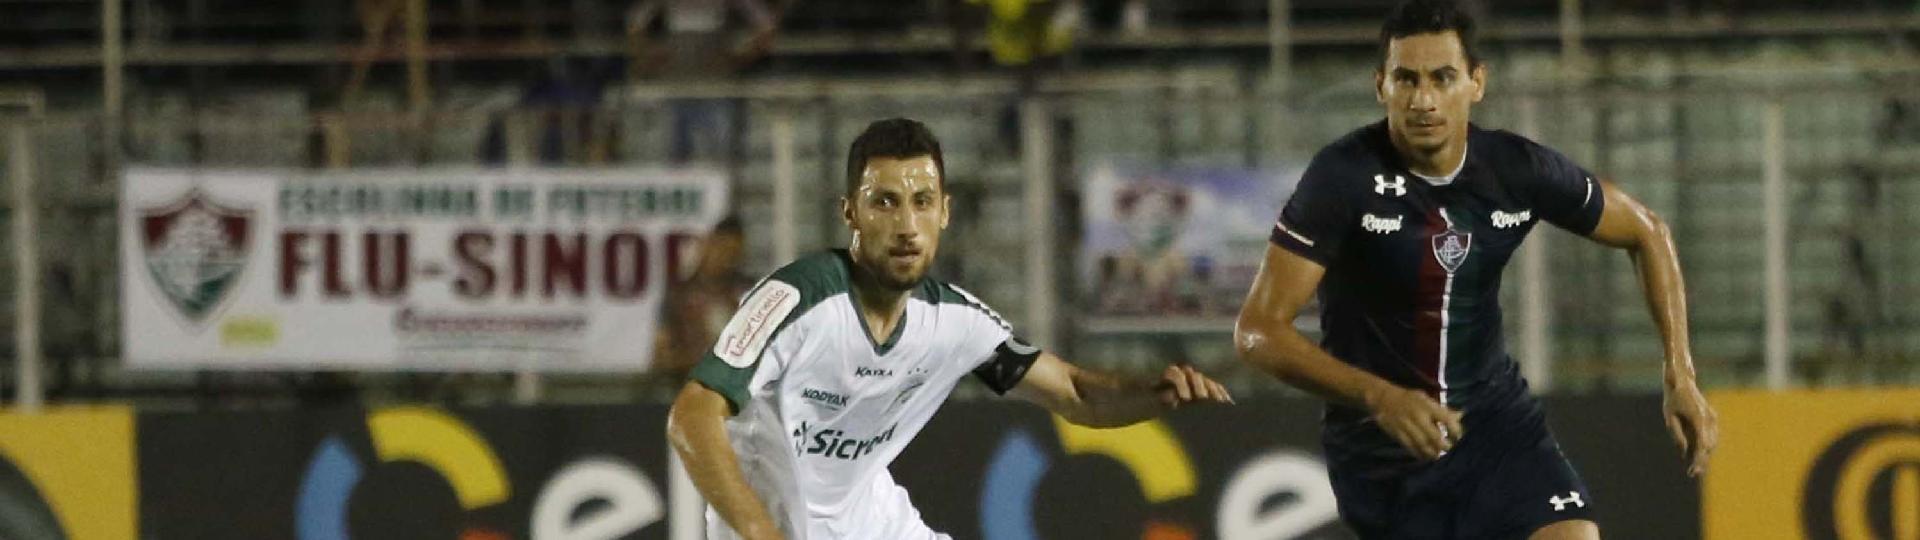 PH Ganso do Fluminense durante partida contra Luverdense